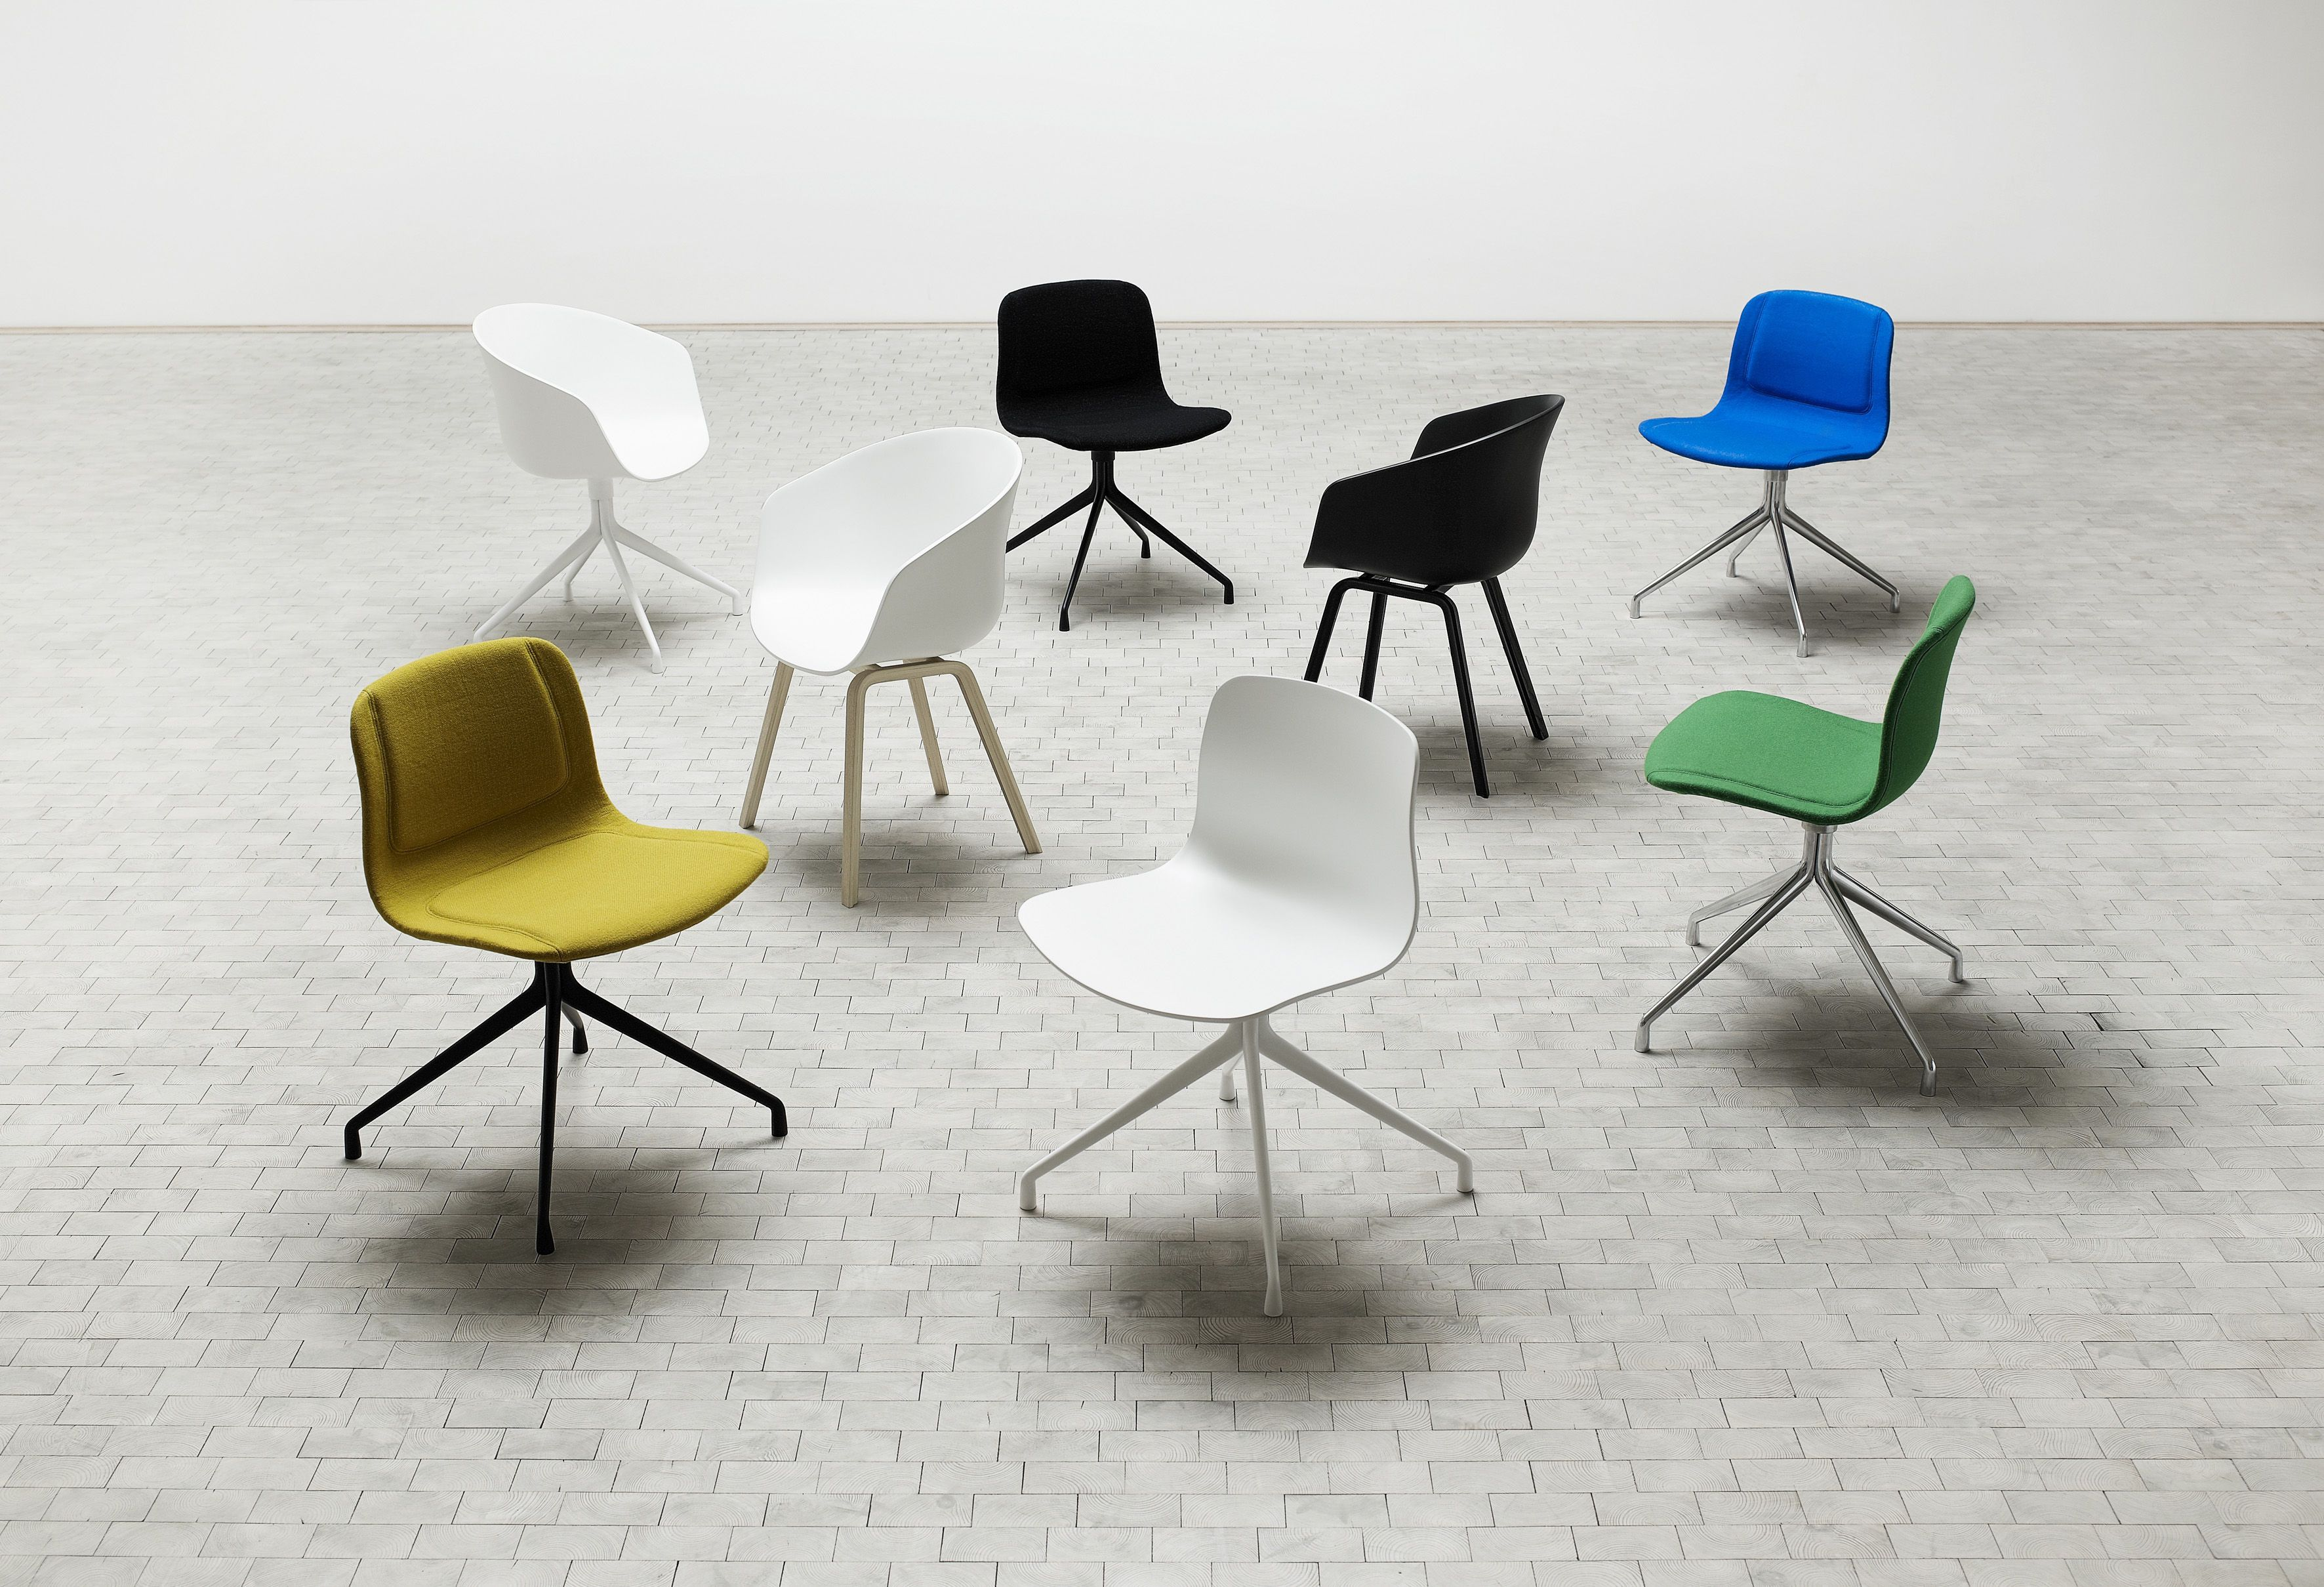 Fauteuil Pivotant About A Chair Pieds Noir Pied Noir Hay - Formation decorateur interieur avec fauteuils pivotants design